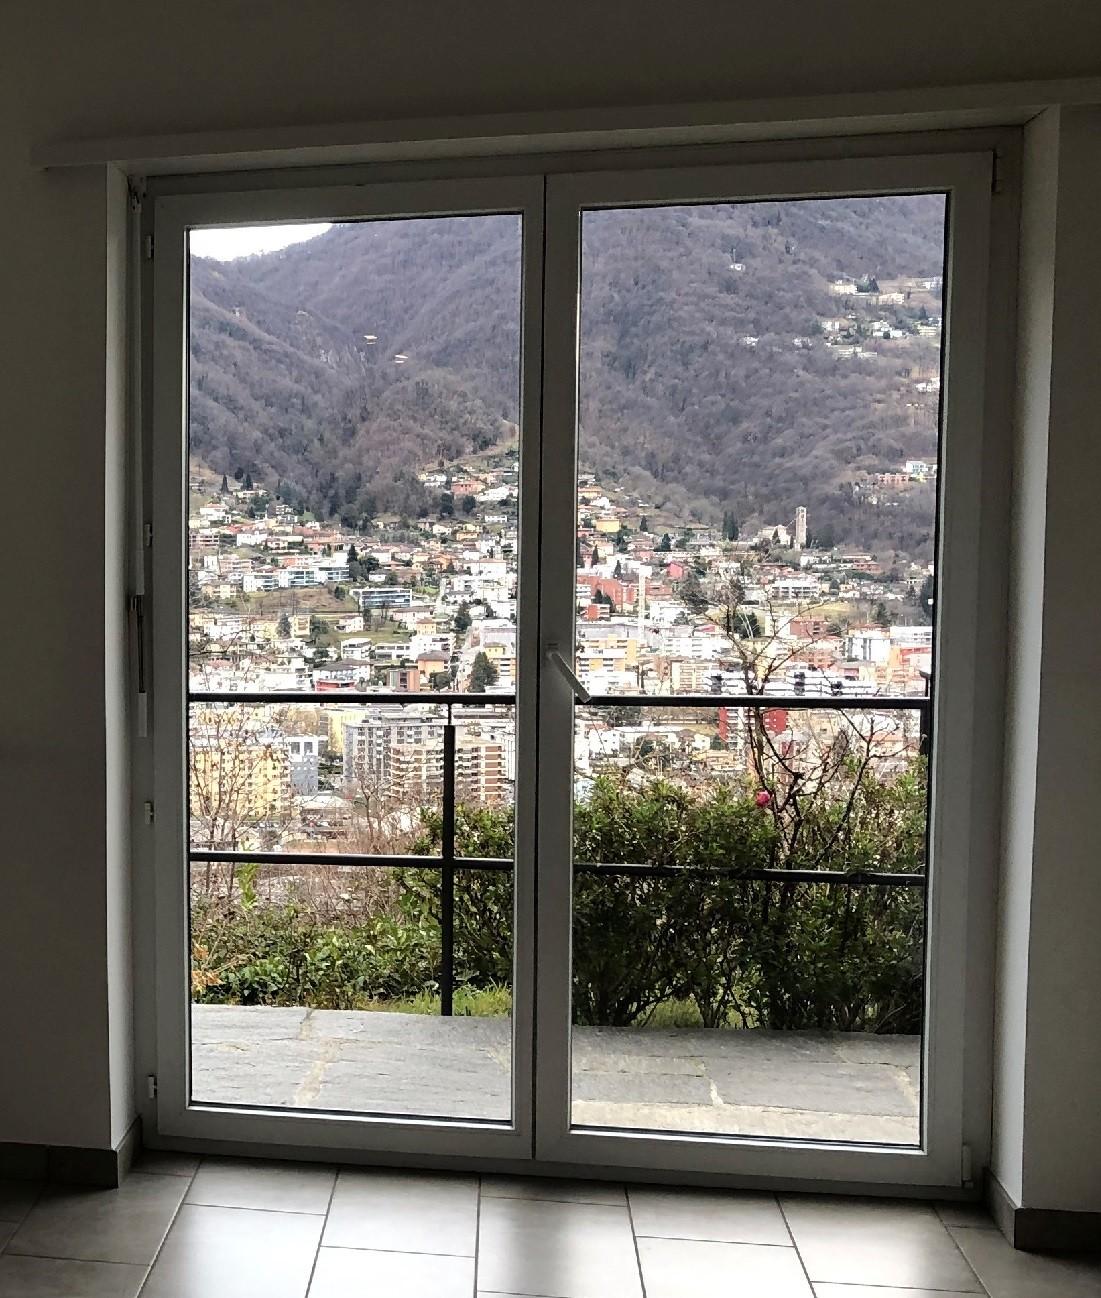 Affitto appartamento Porza - Via Belvedere - Dettaglio vista salotto